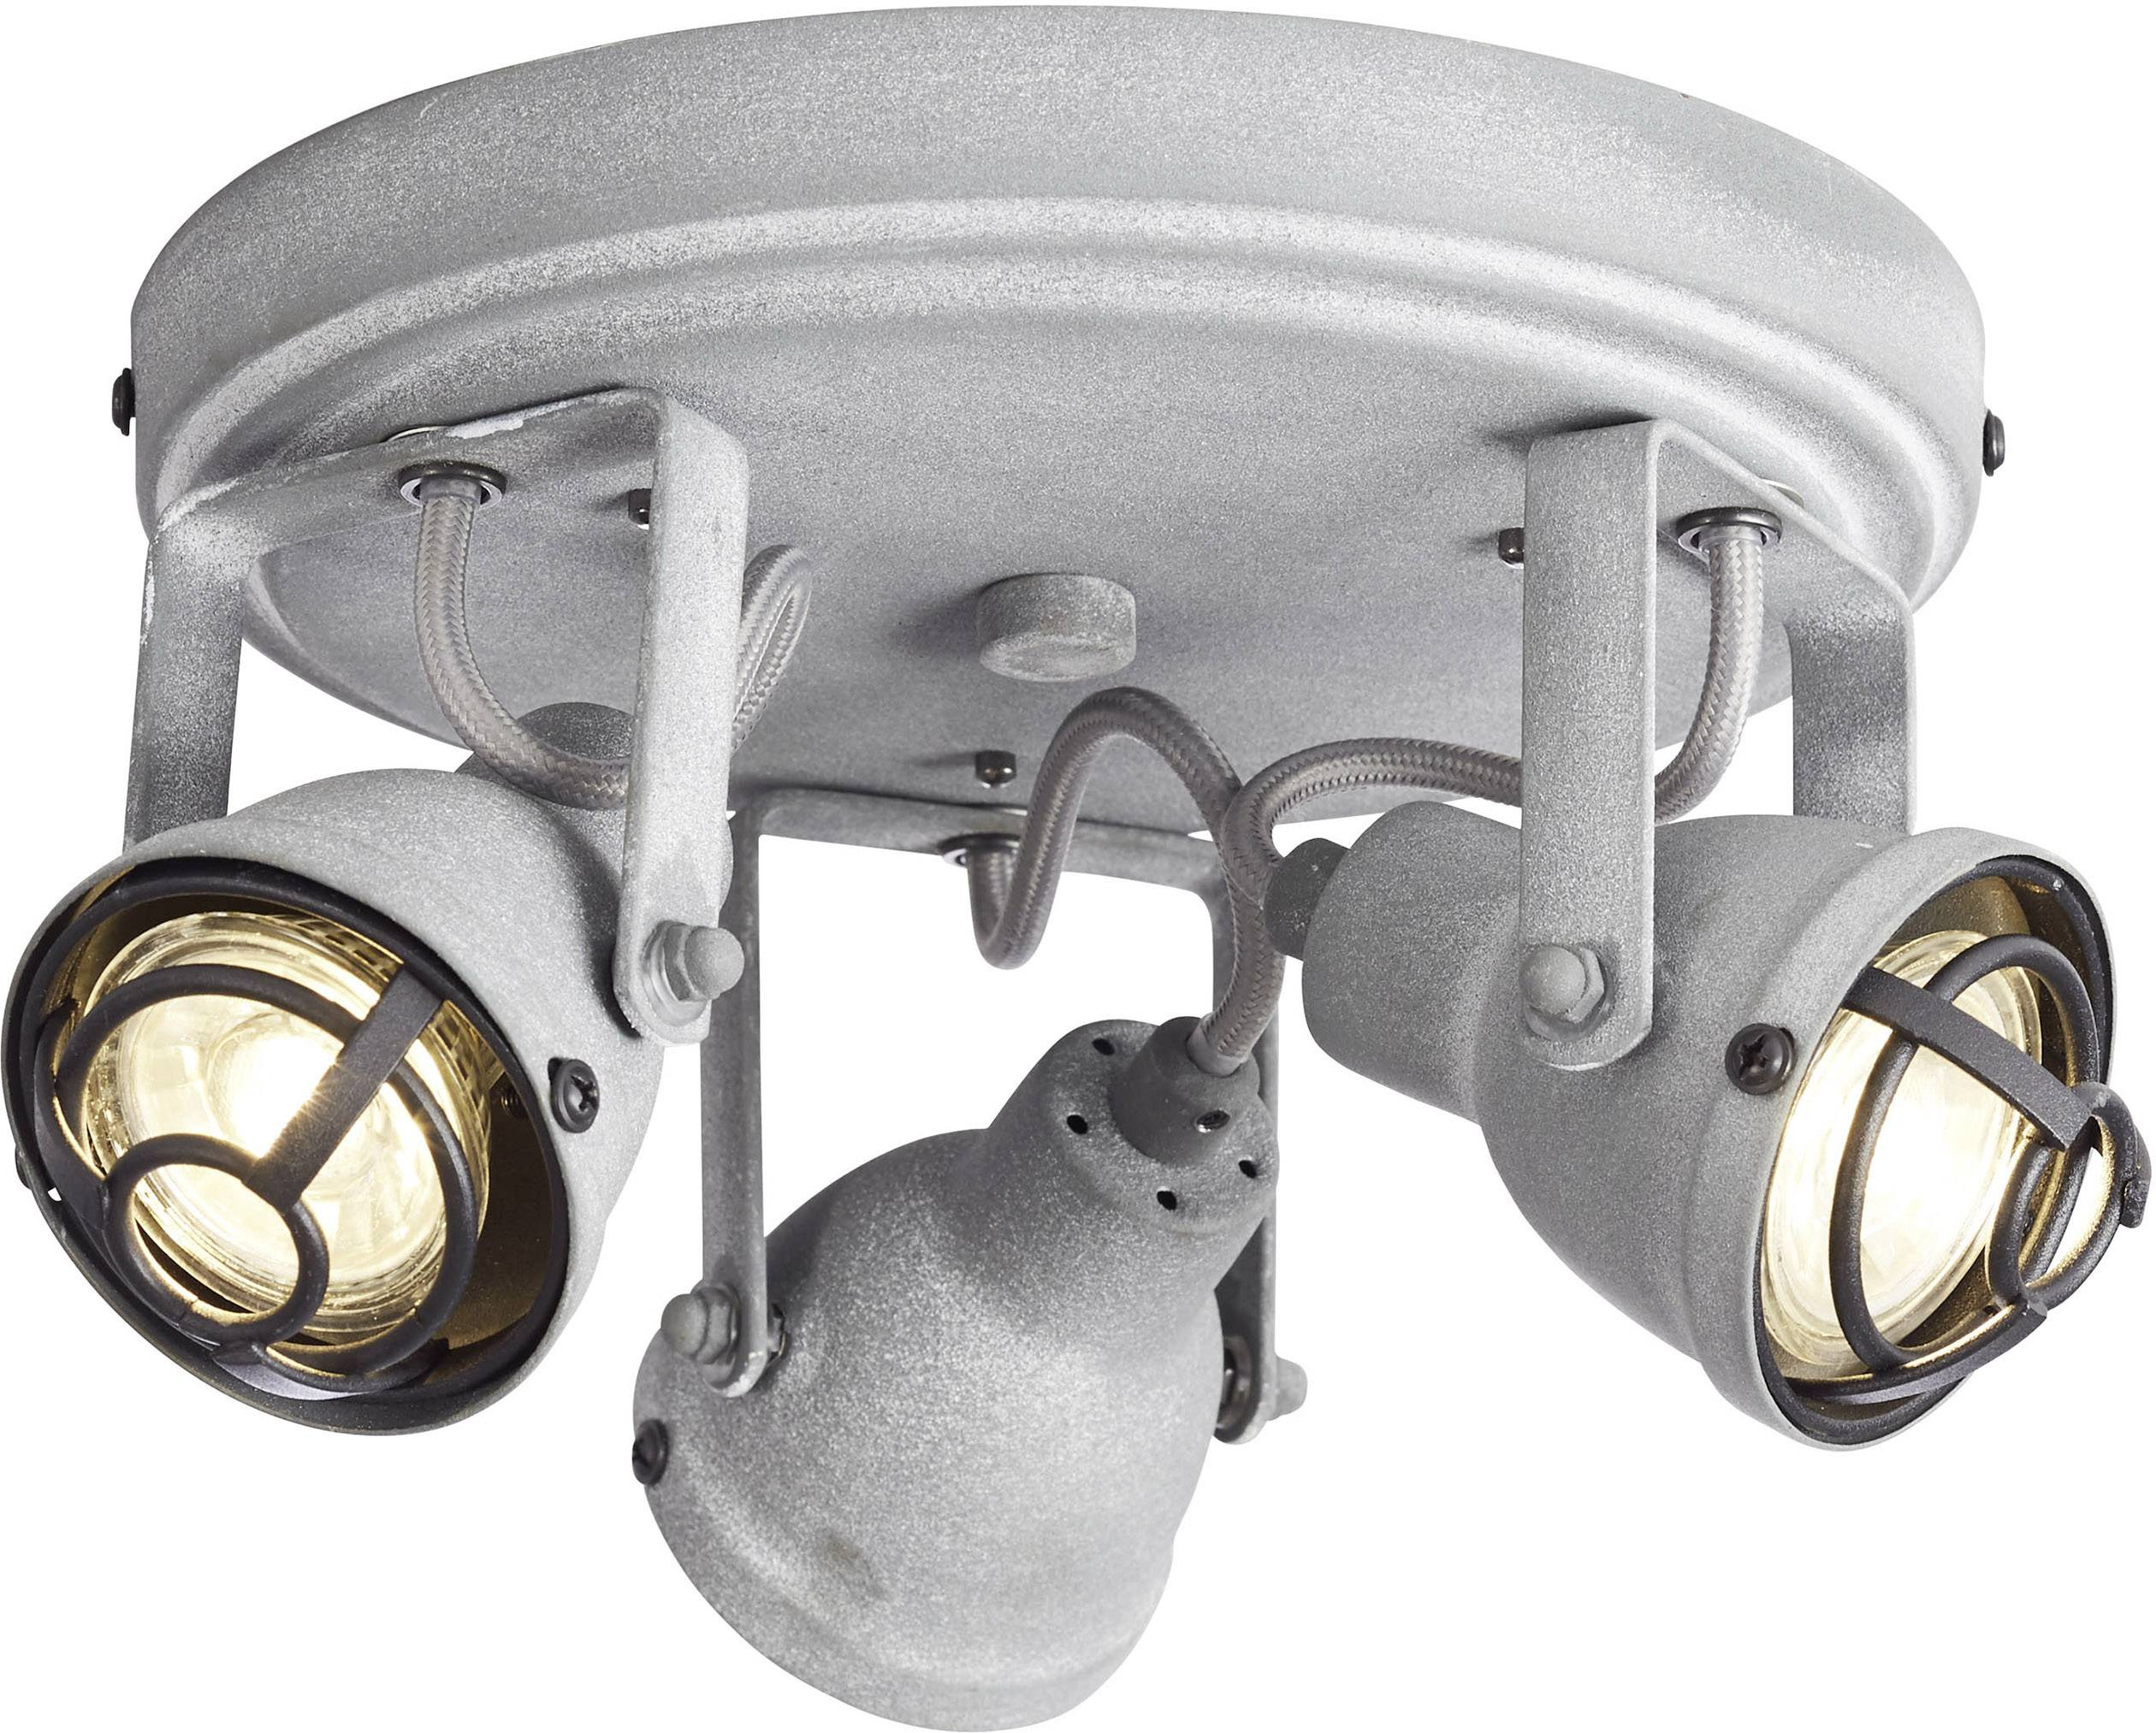 Brilliant Bente G2633470 Deckenstrahler LED GU10 15 W Beton Grau